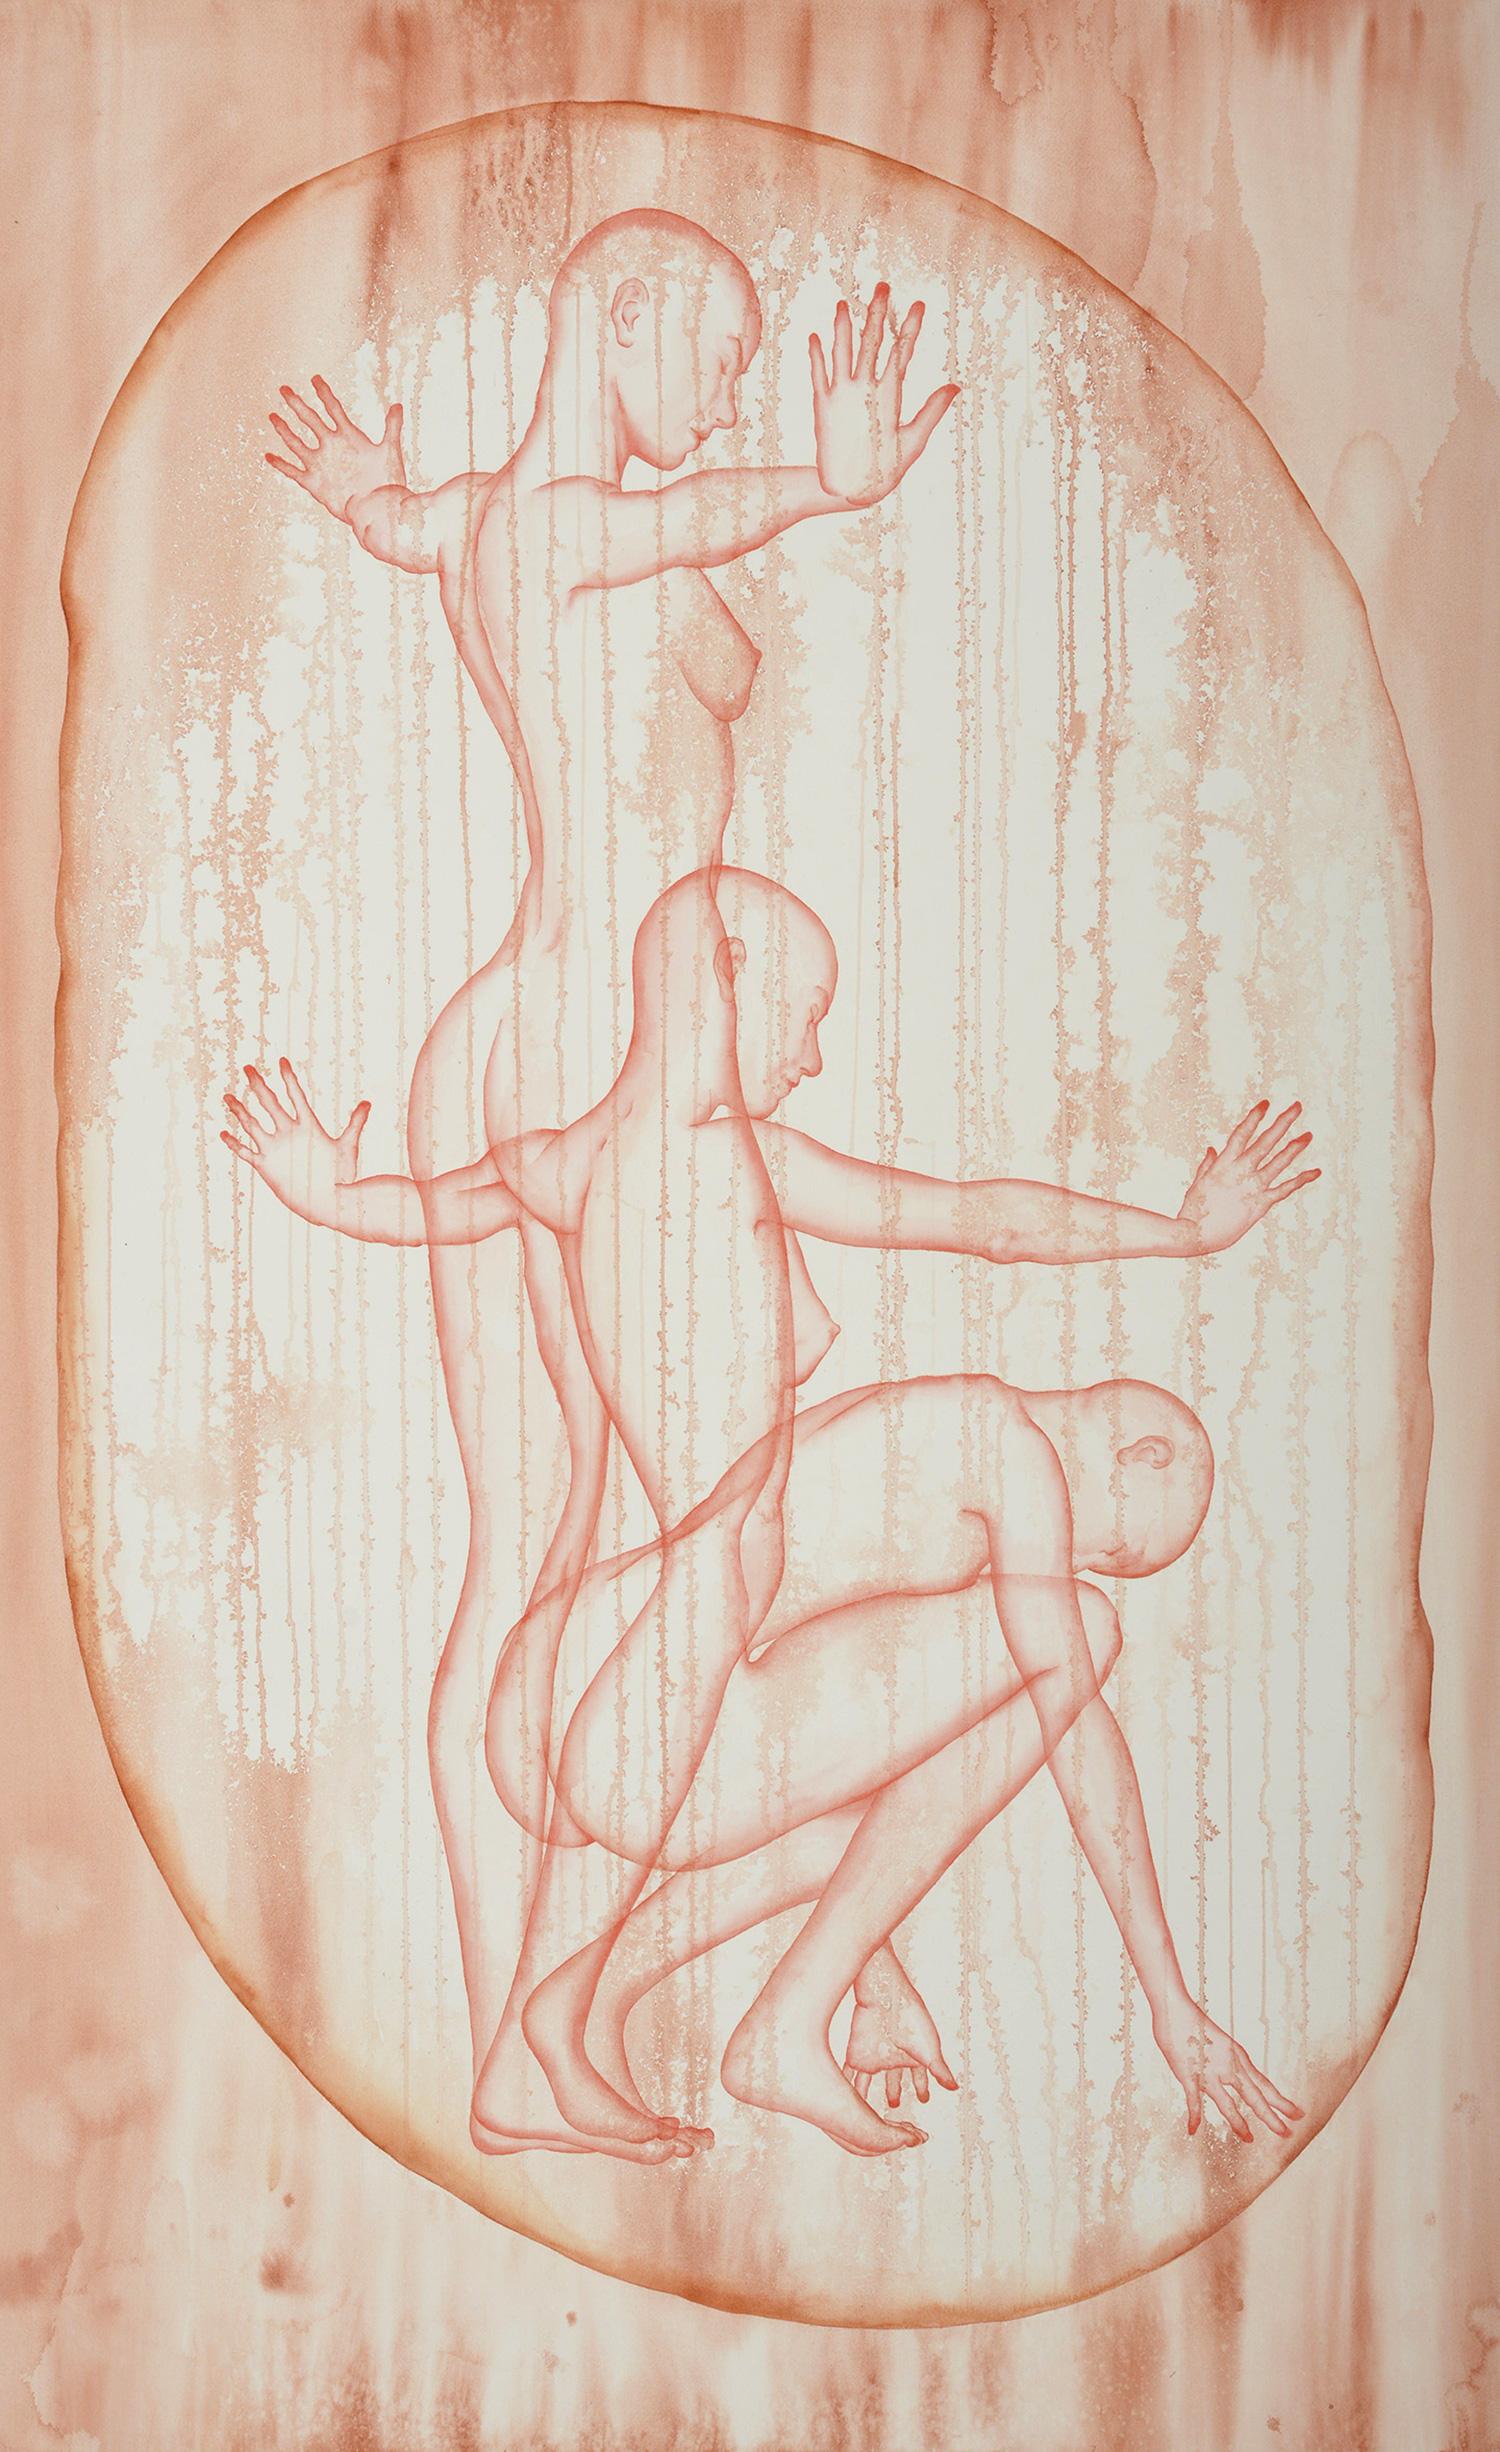 Stefano Bolzano, Aura sentimentale, watercolor on paper, 90x145 cm, 2020.